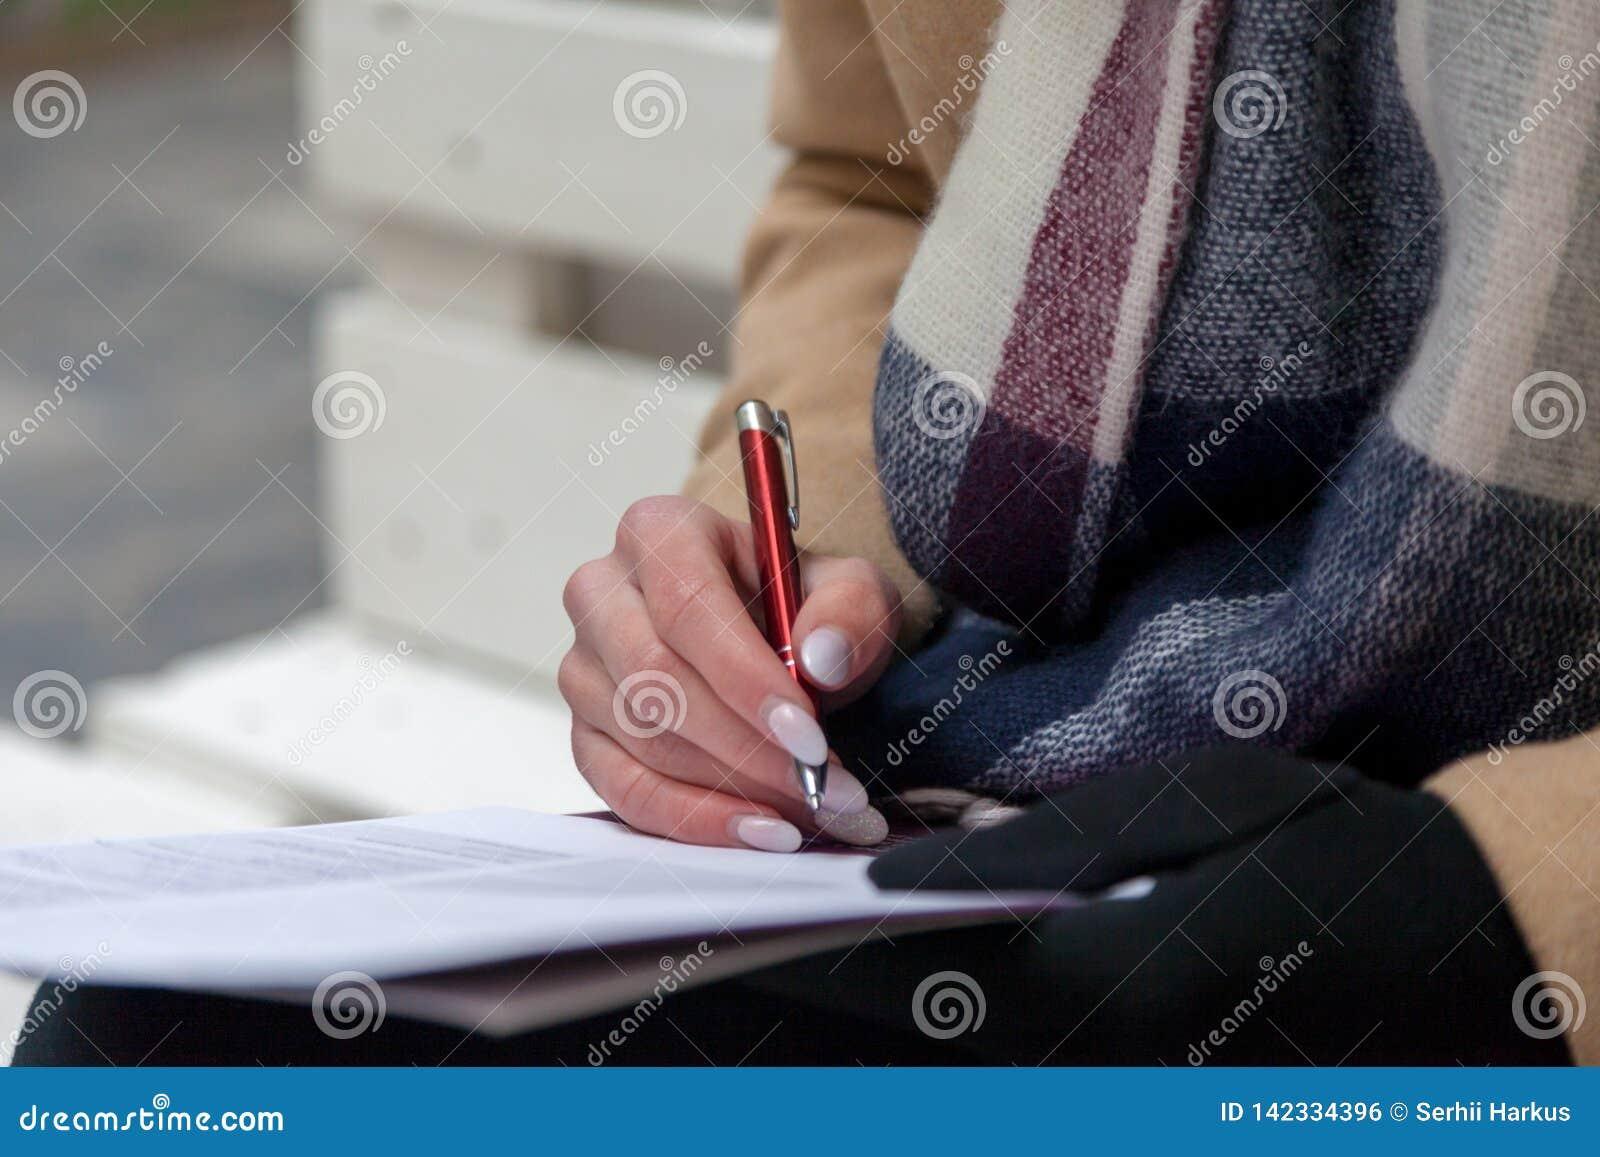 Un immagine di una mano e di una penna che completare un formulario